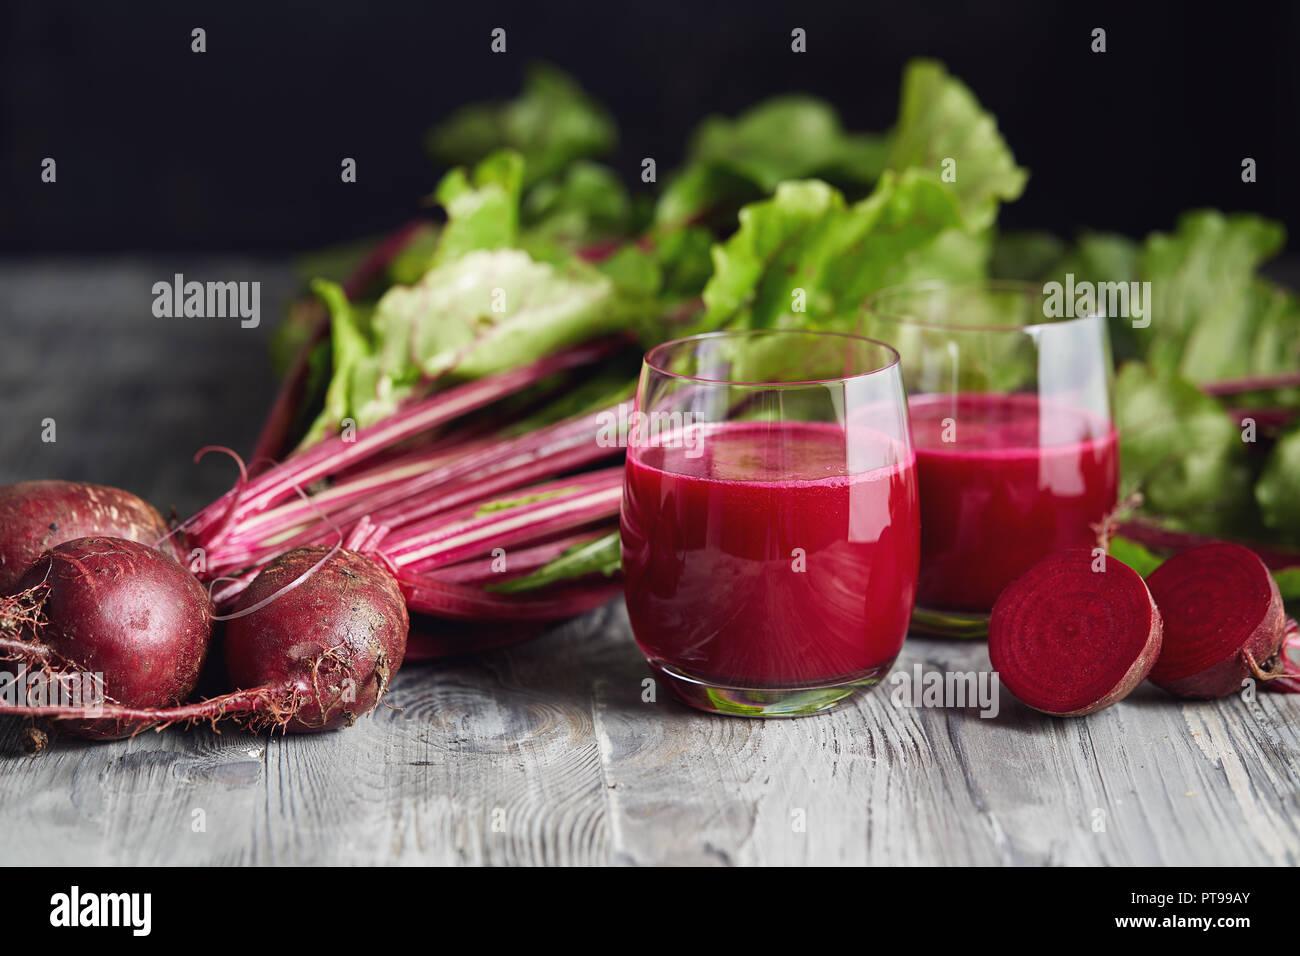 Detox Saft mit frisch gepflückten Bündel von Rote Bete. Frische rote Rüben auf einem Holztisch. Stockbild